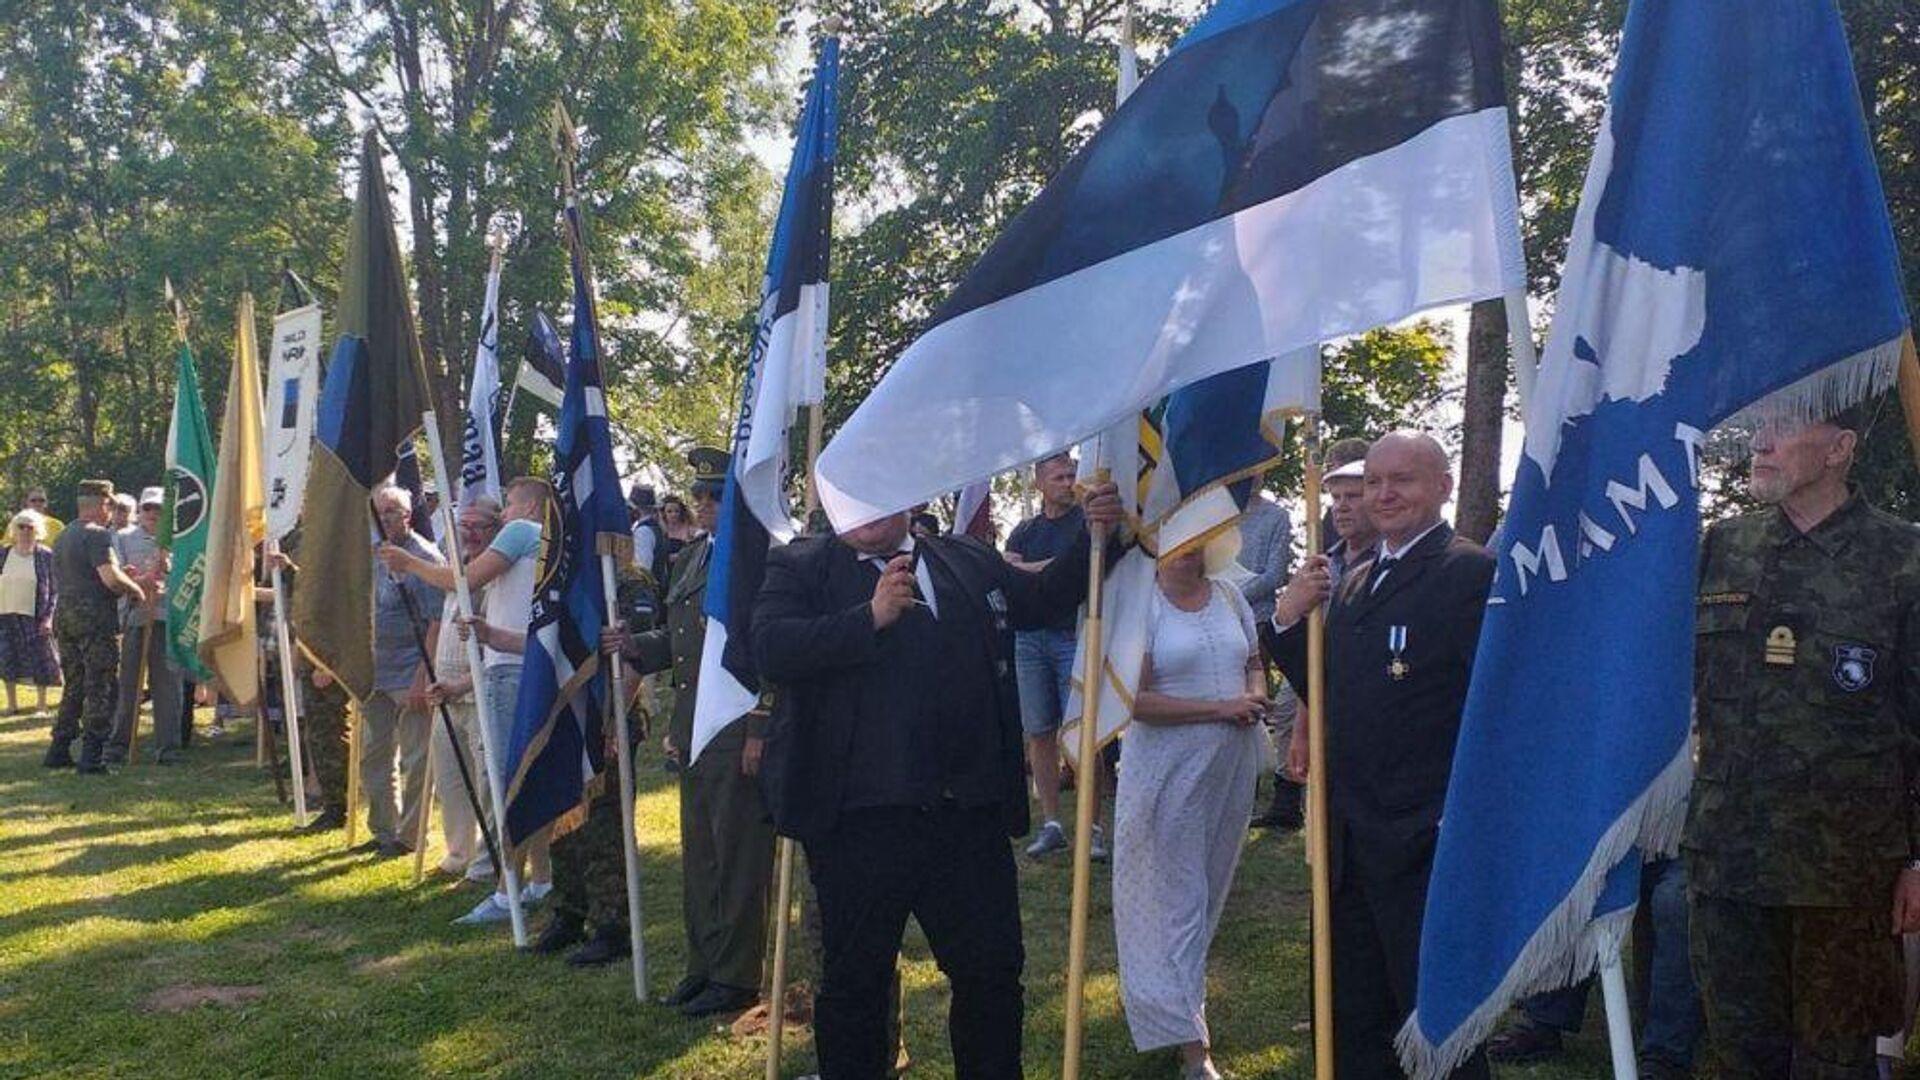 Церемония в Синимяэ в память 20-й дивизии Ваффен-СС - РИА Новости, 1920, 31.07.2021